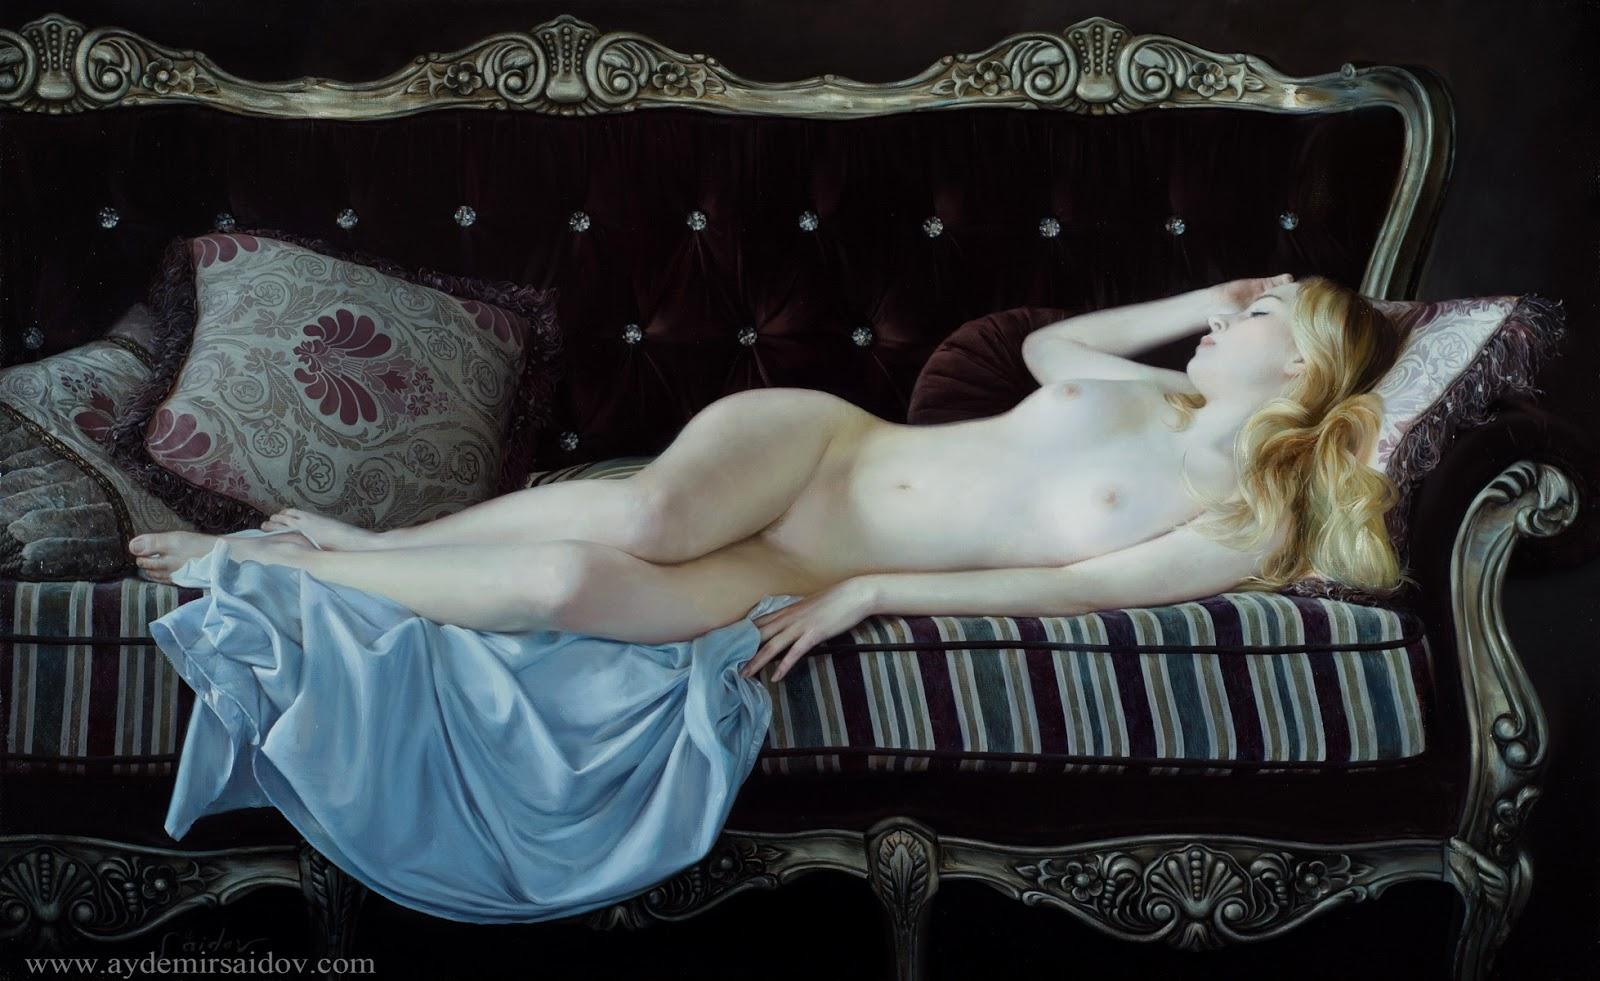 Hyperrealistic Oil Paintings by Aydemir Saidov - Sleeping beauty (2013)